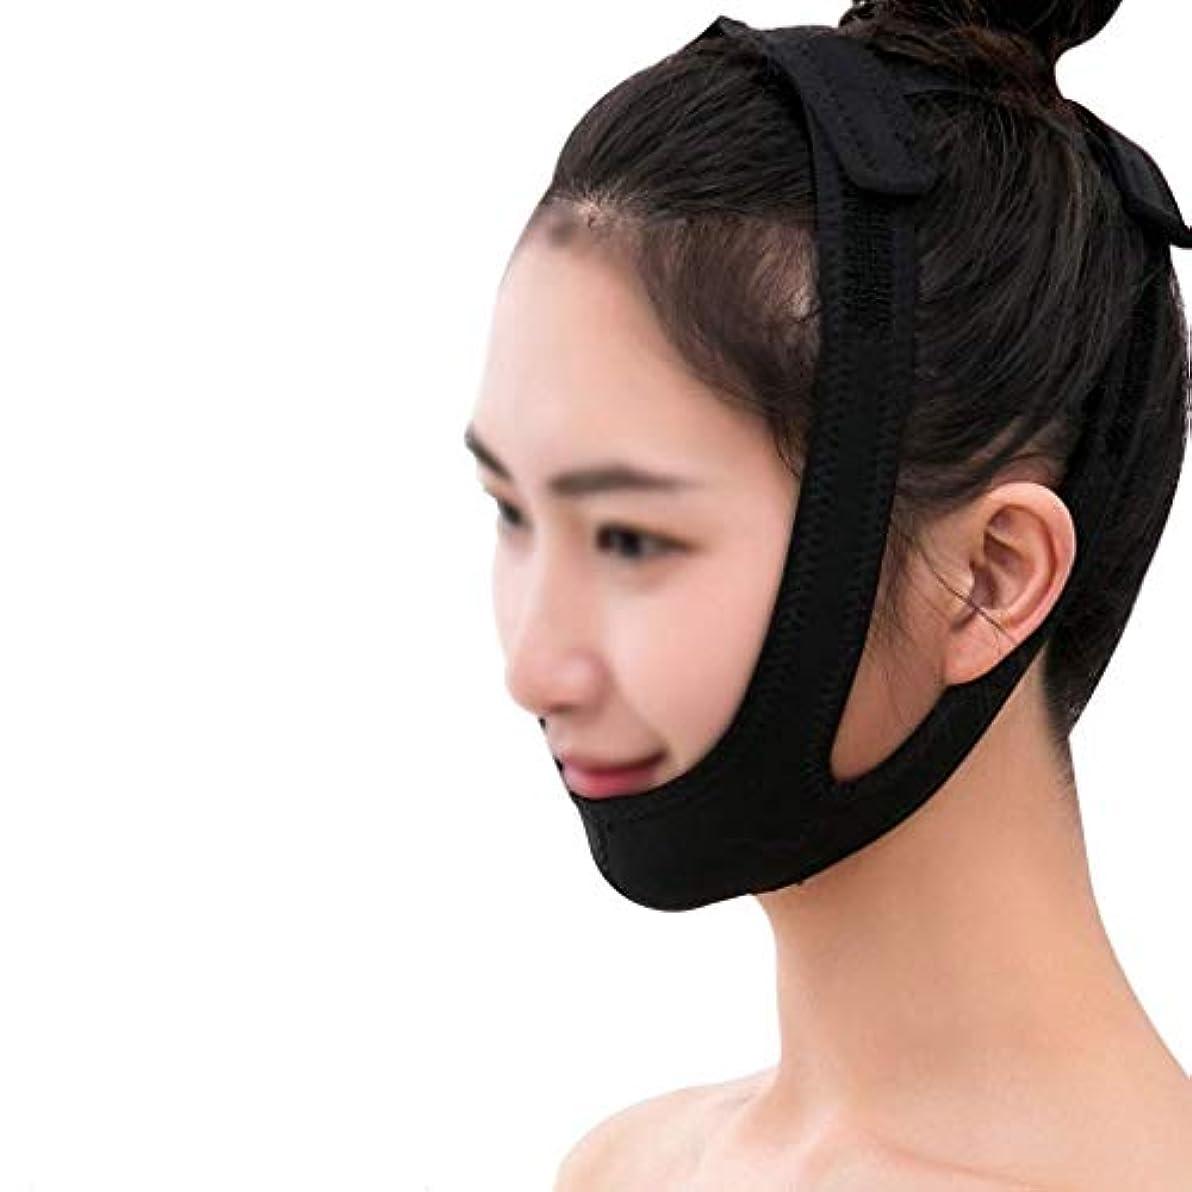 名目上の語五月フェイシャルリフティングマスク、医療用ワイヤーカービングリカバリーヘッドギアVフェイスバンデージダブルチンフェイスリフトマスク